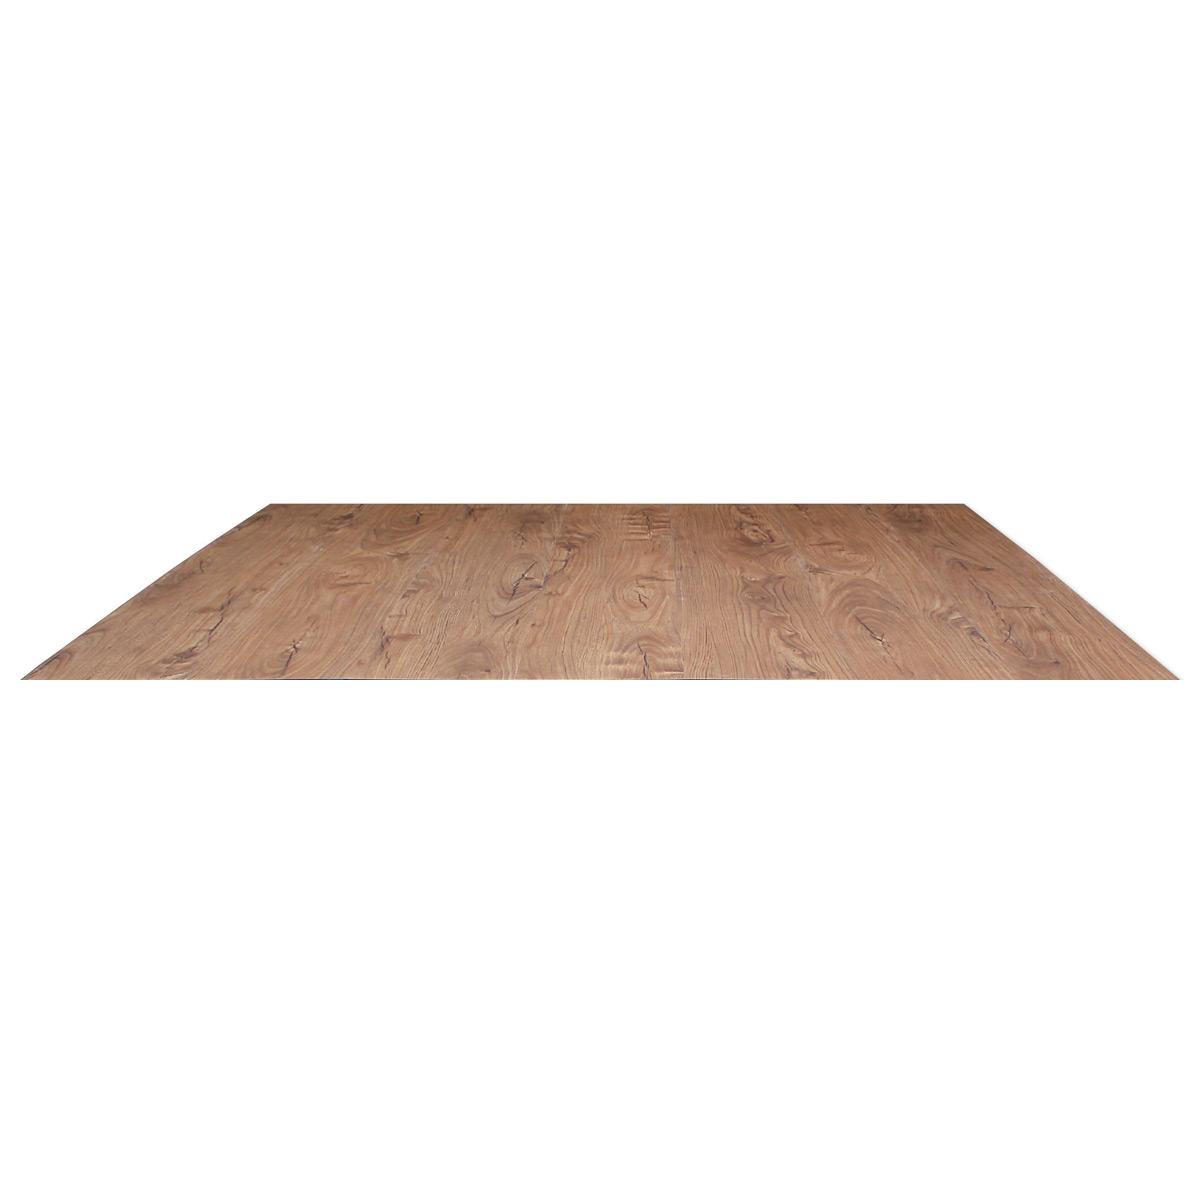 Neu holz 1 11m vinyl laminate flooring planks oak for Vinyl laminate flooring